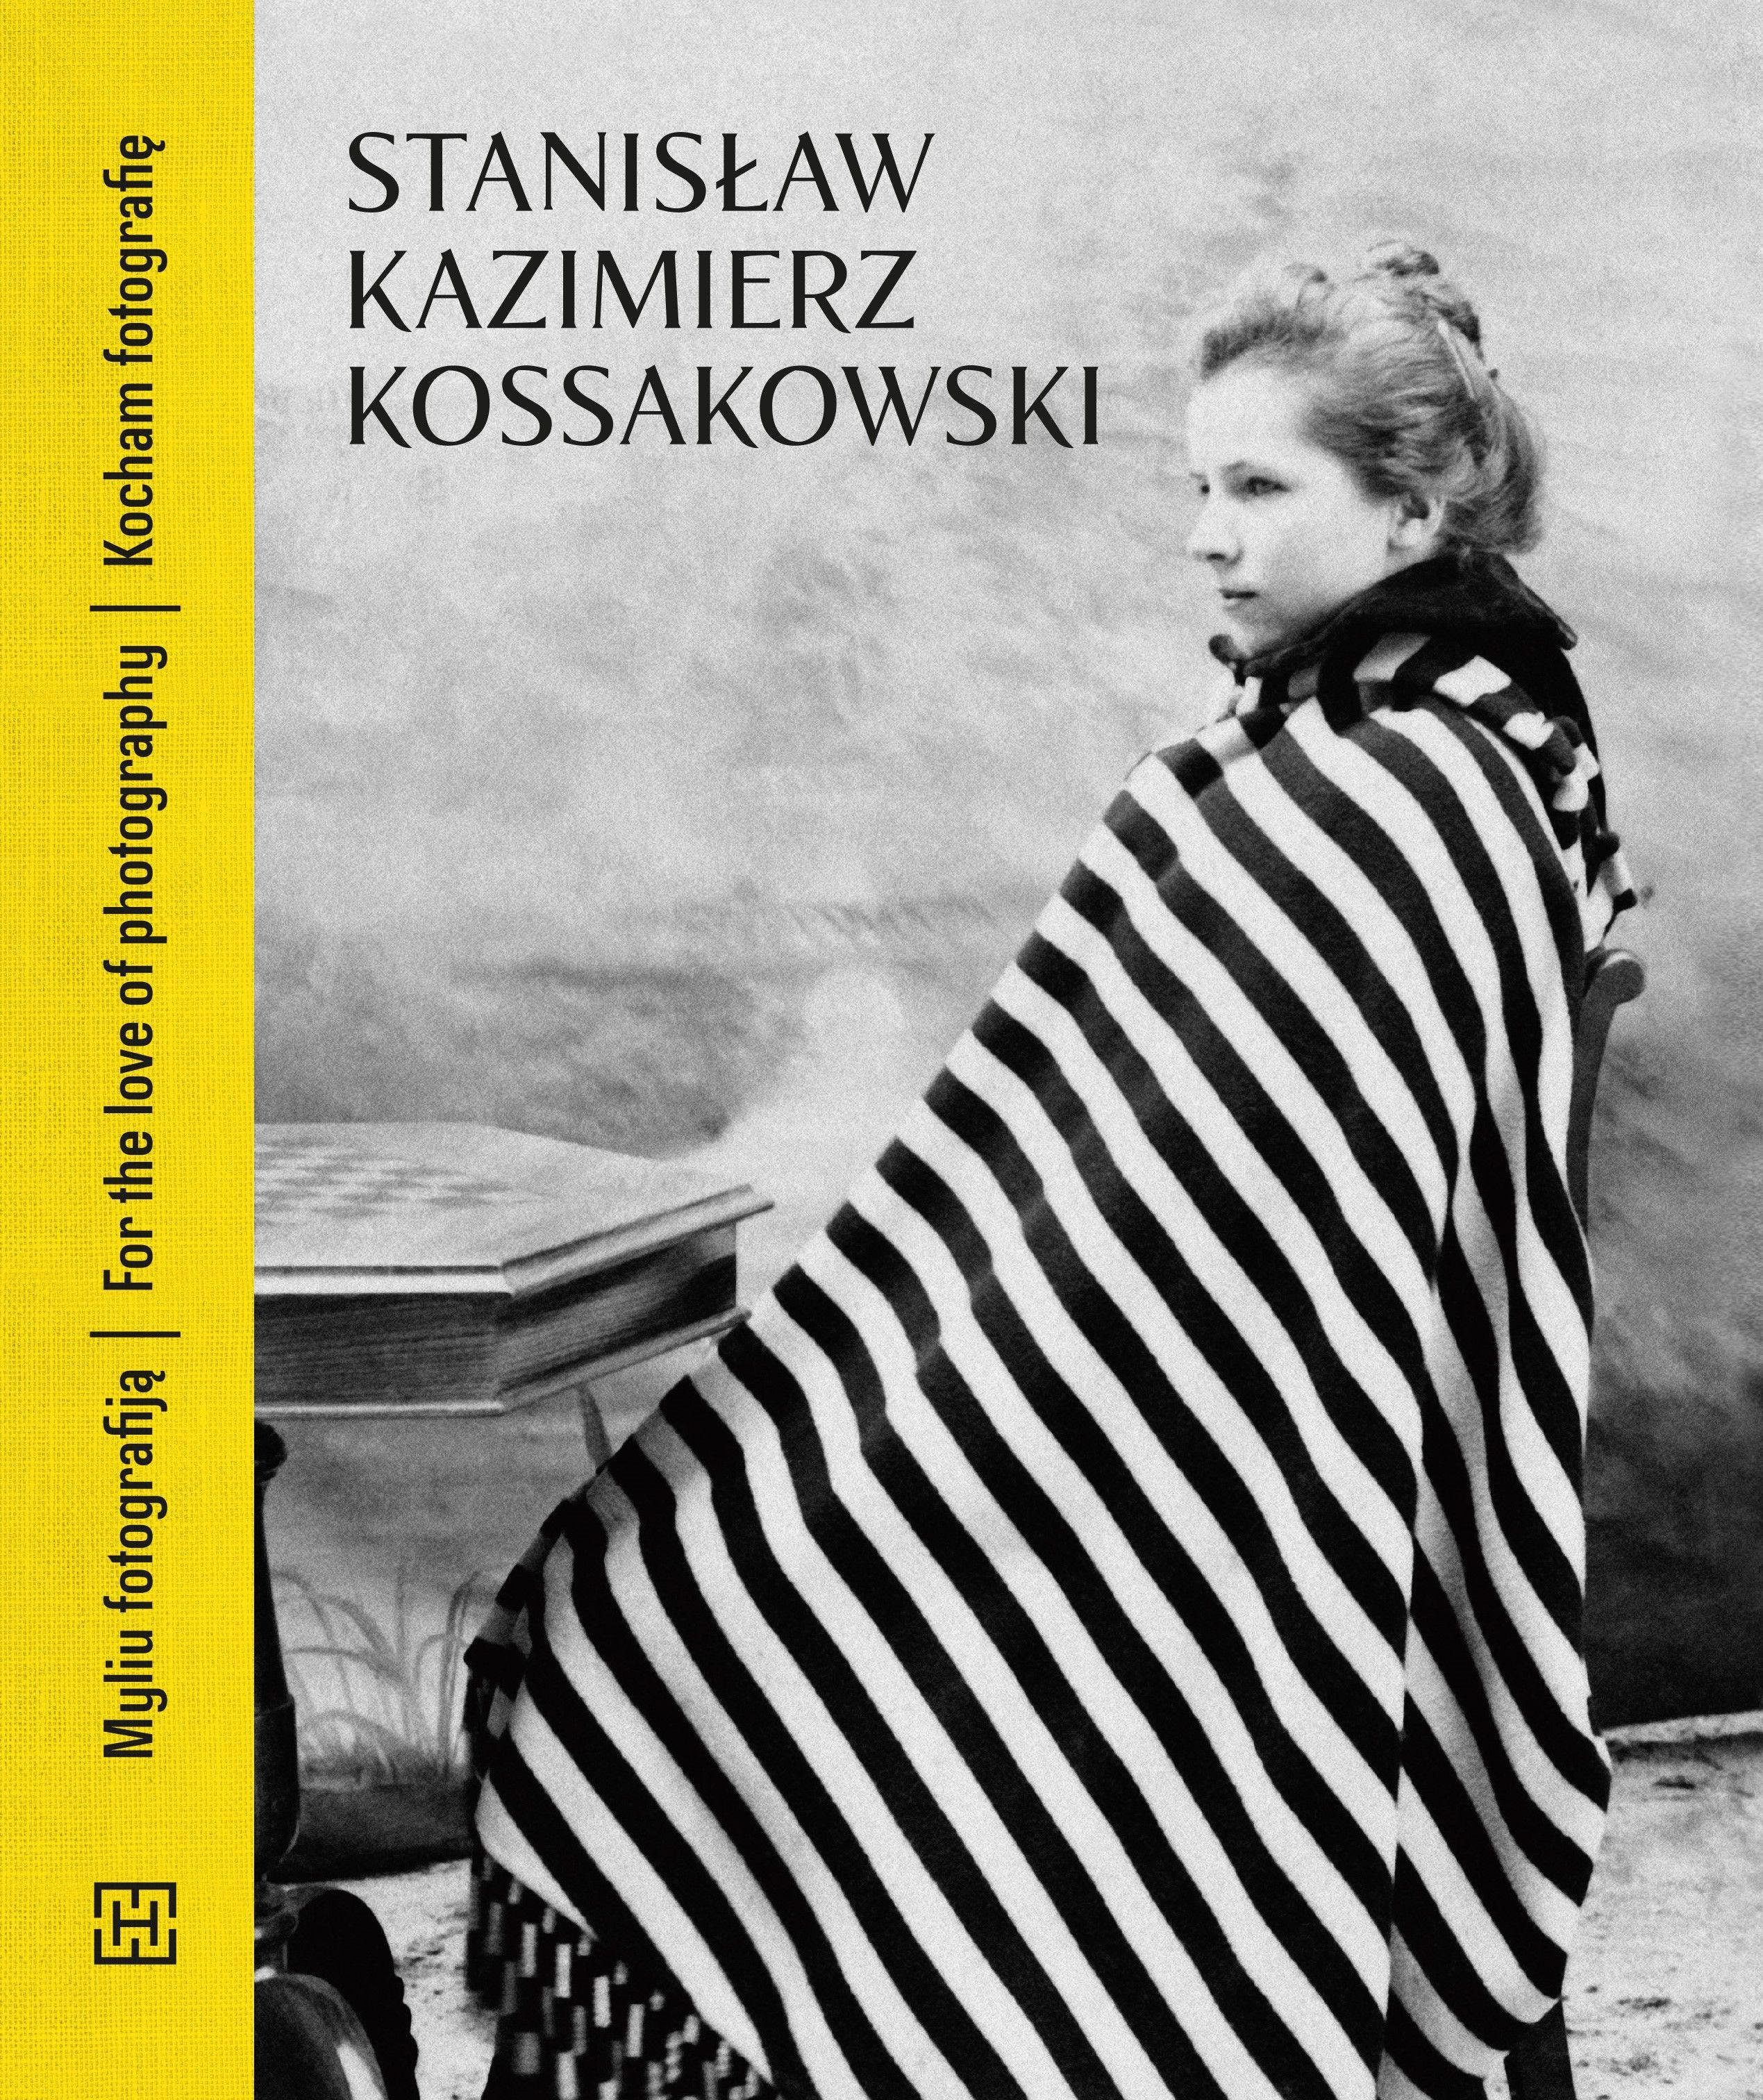 DSH Stanisław Kazimierz Kossakowski. Kocham fotografię